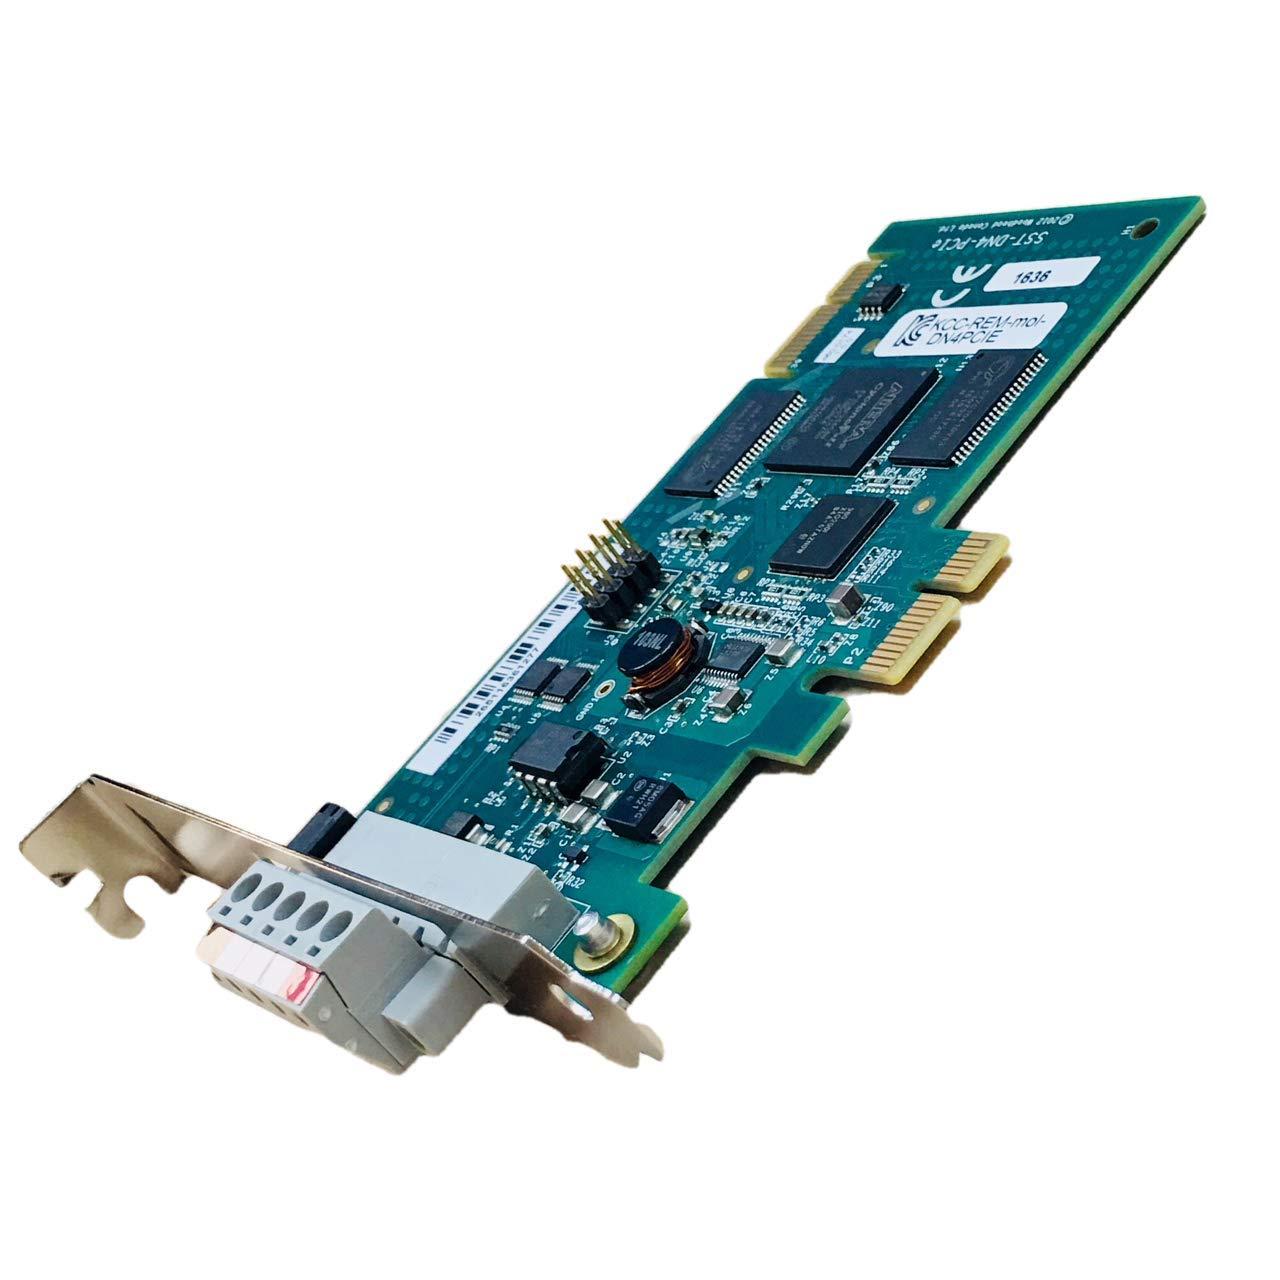 1121130011 モレックスデバイス/アダプターカード DLL, OPC DA, SST-DN4-PCIE, RoHS B07GX3CF83